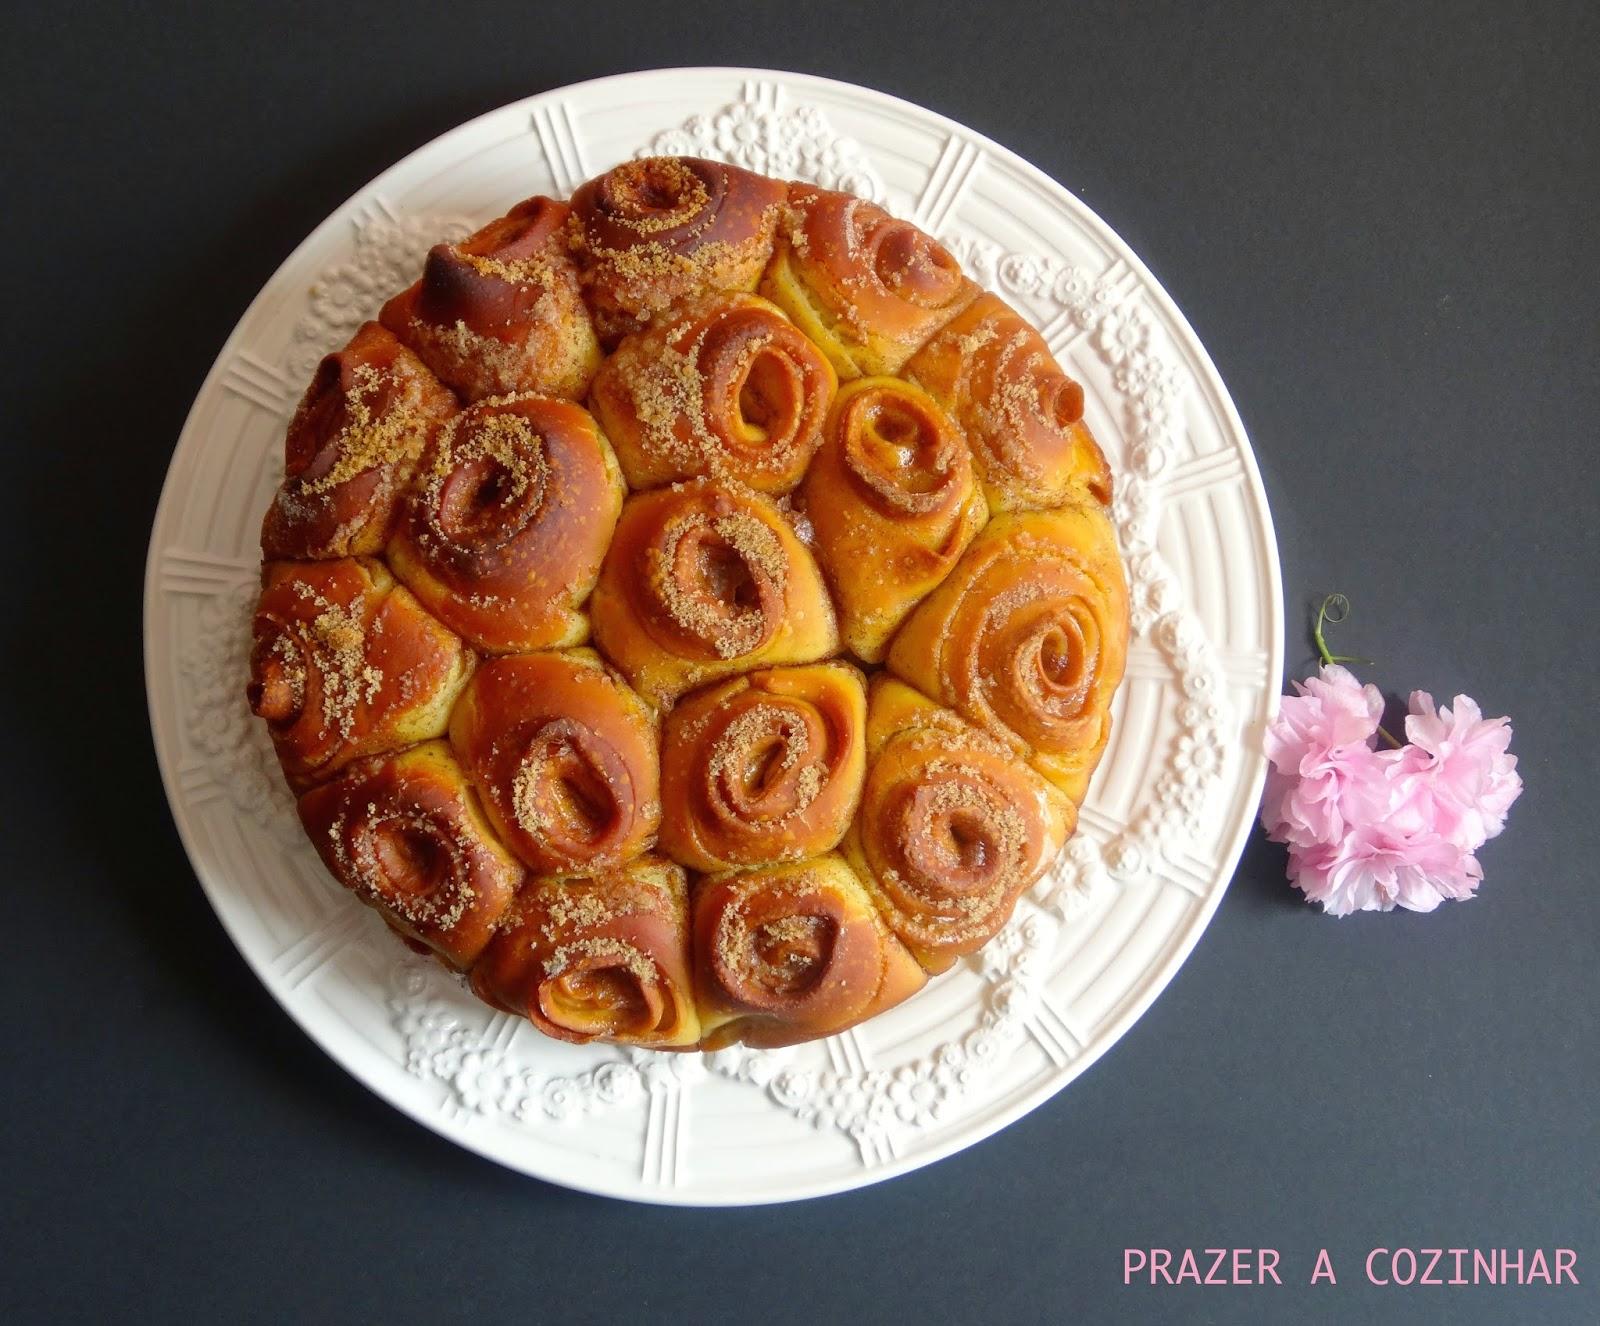 prazer a cozinhar - Folar de rosas